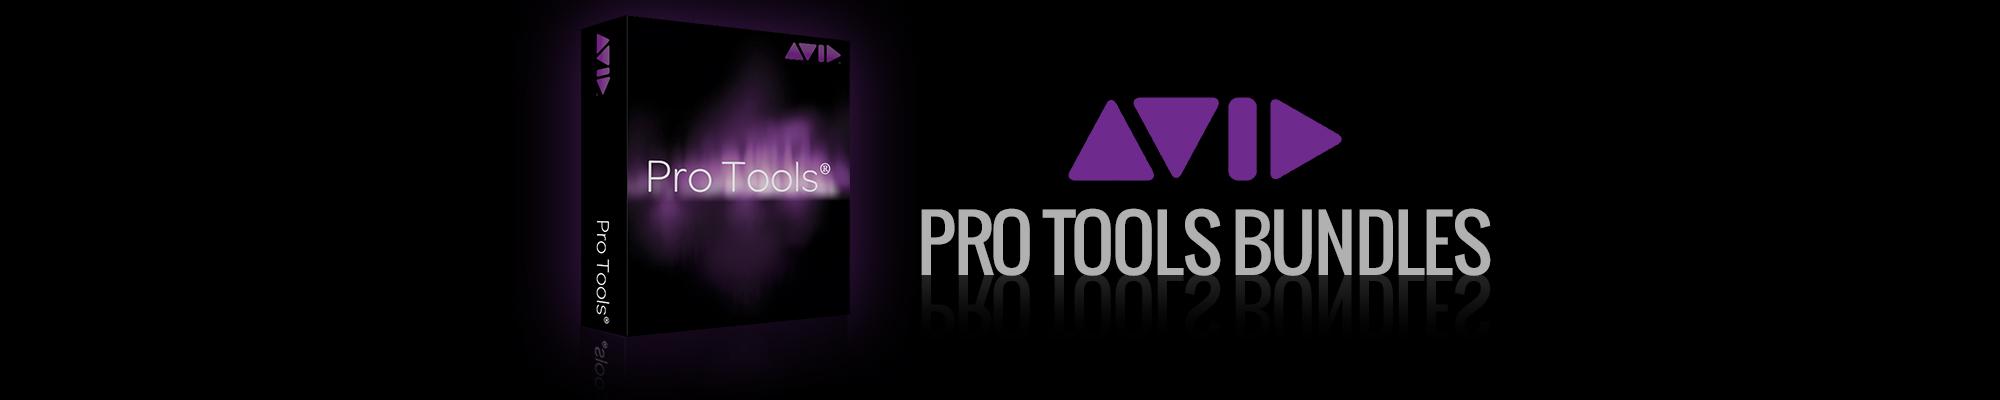 Pro Tools Bundles